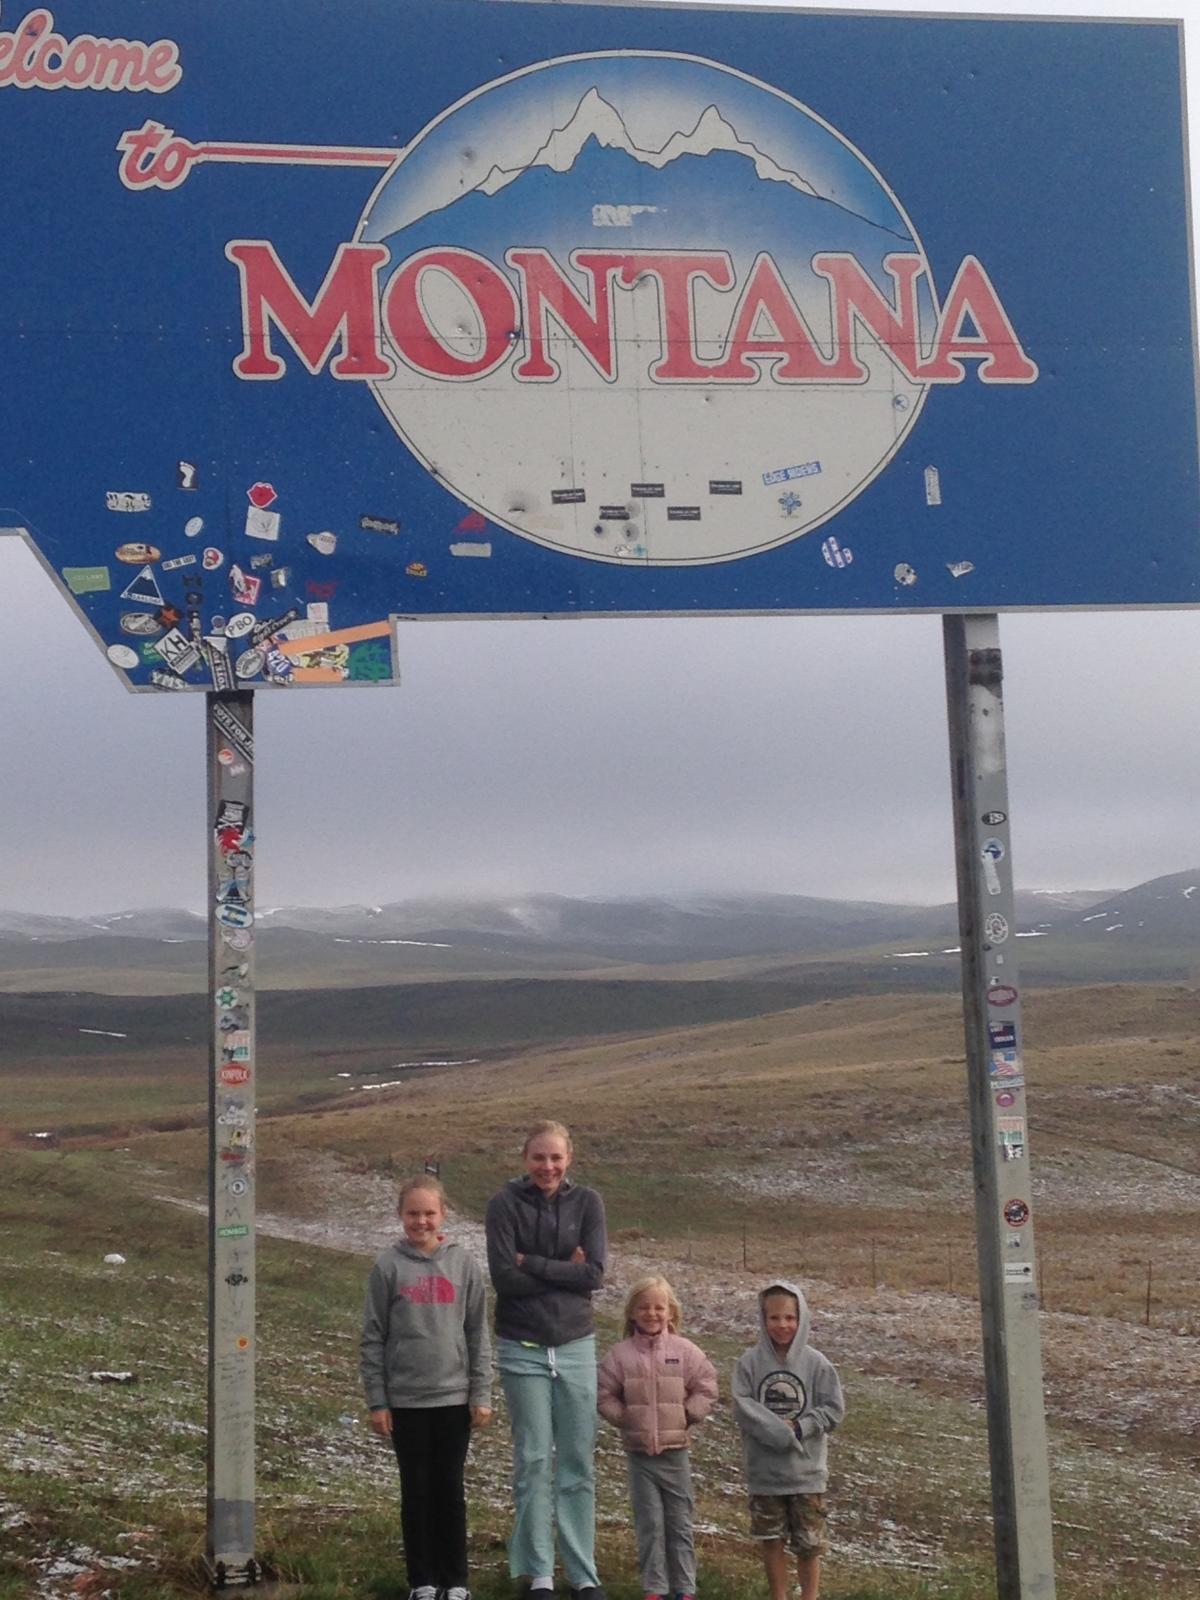 Meet Montana.